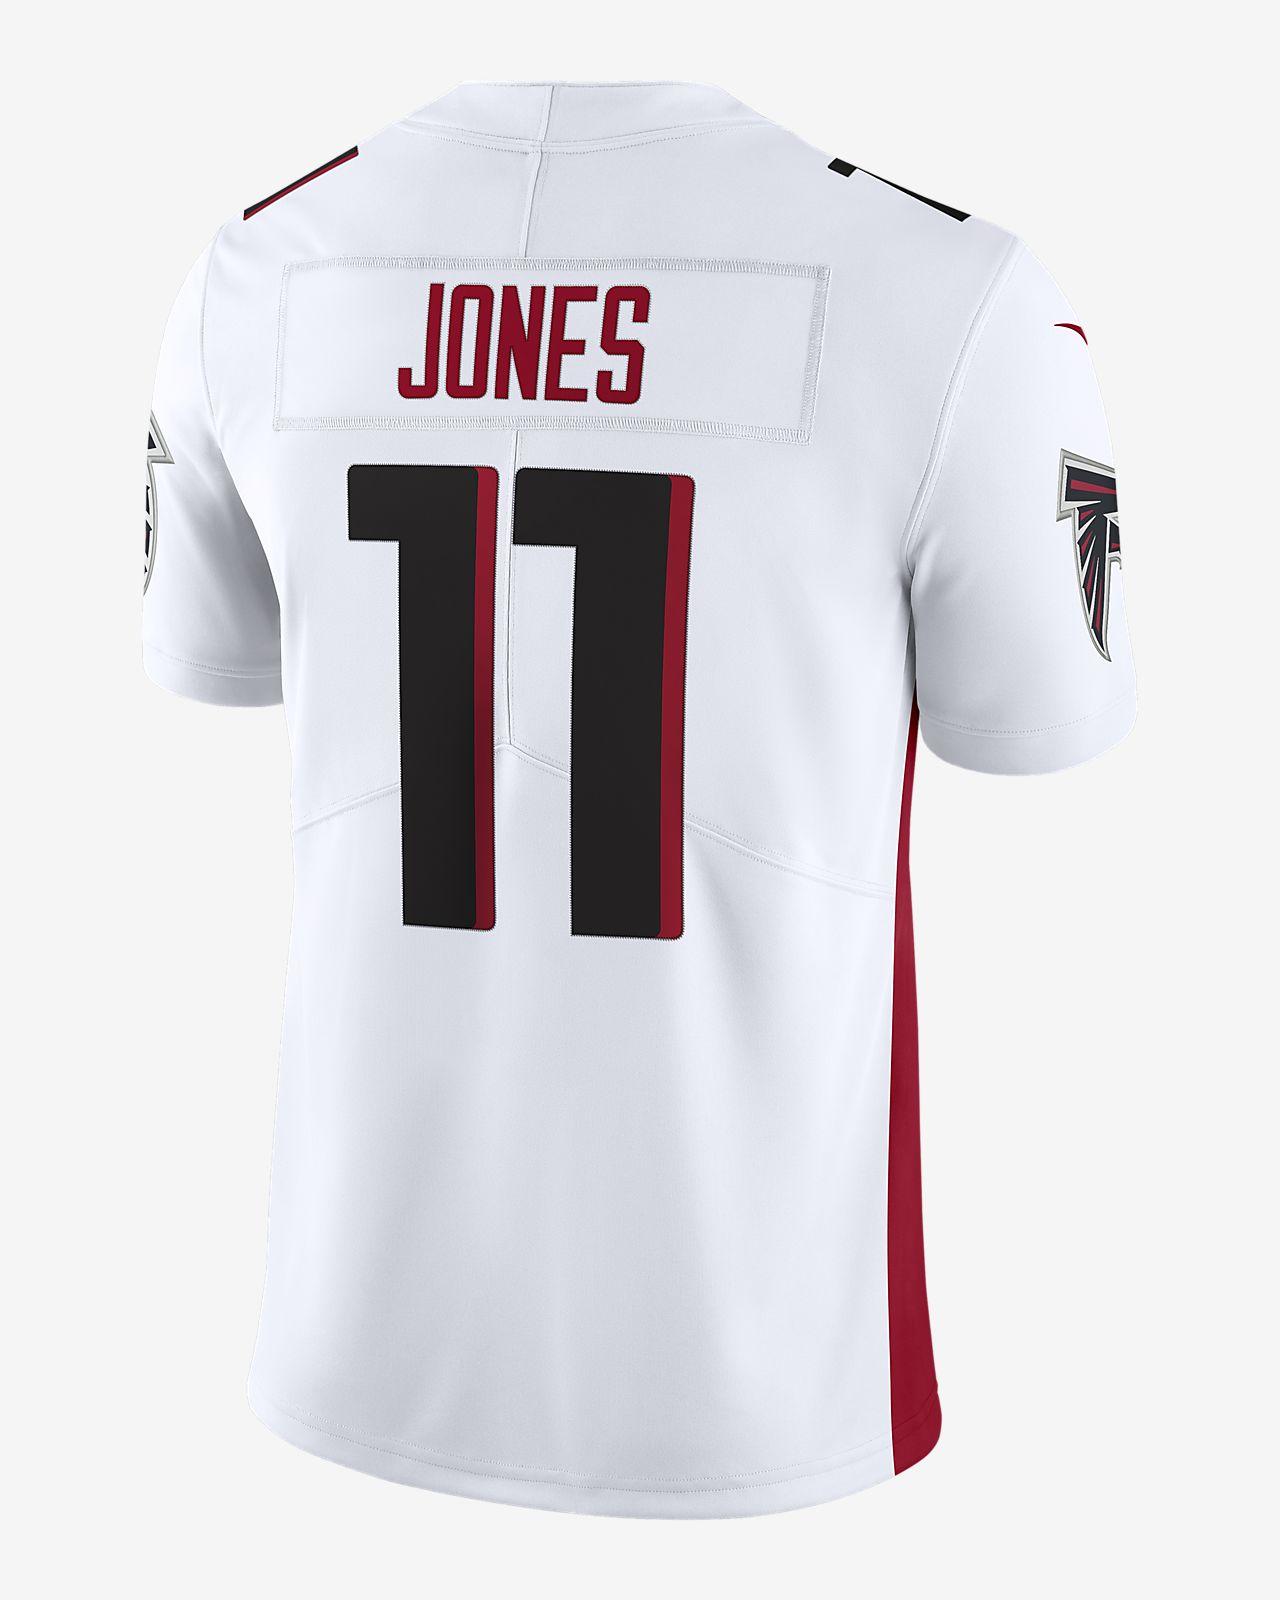 Camiseta de fútbol americano Limited Vapor Untouchable para hombre NFL  Atlanta Falcons (Julio Jones)